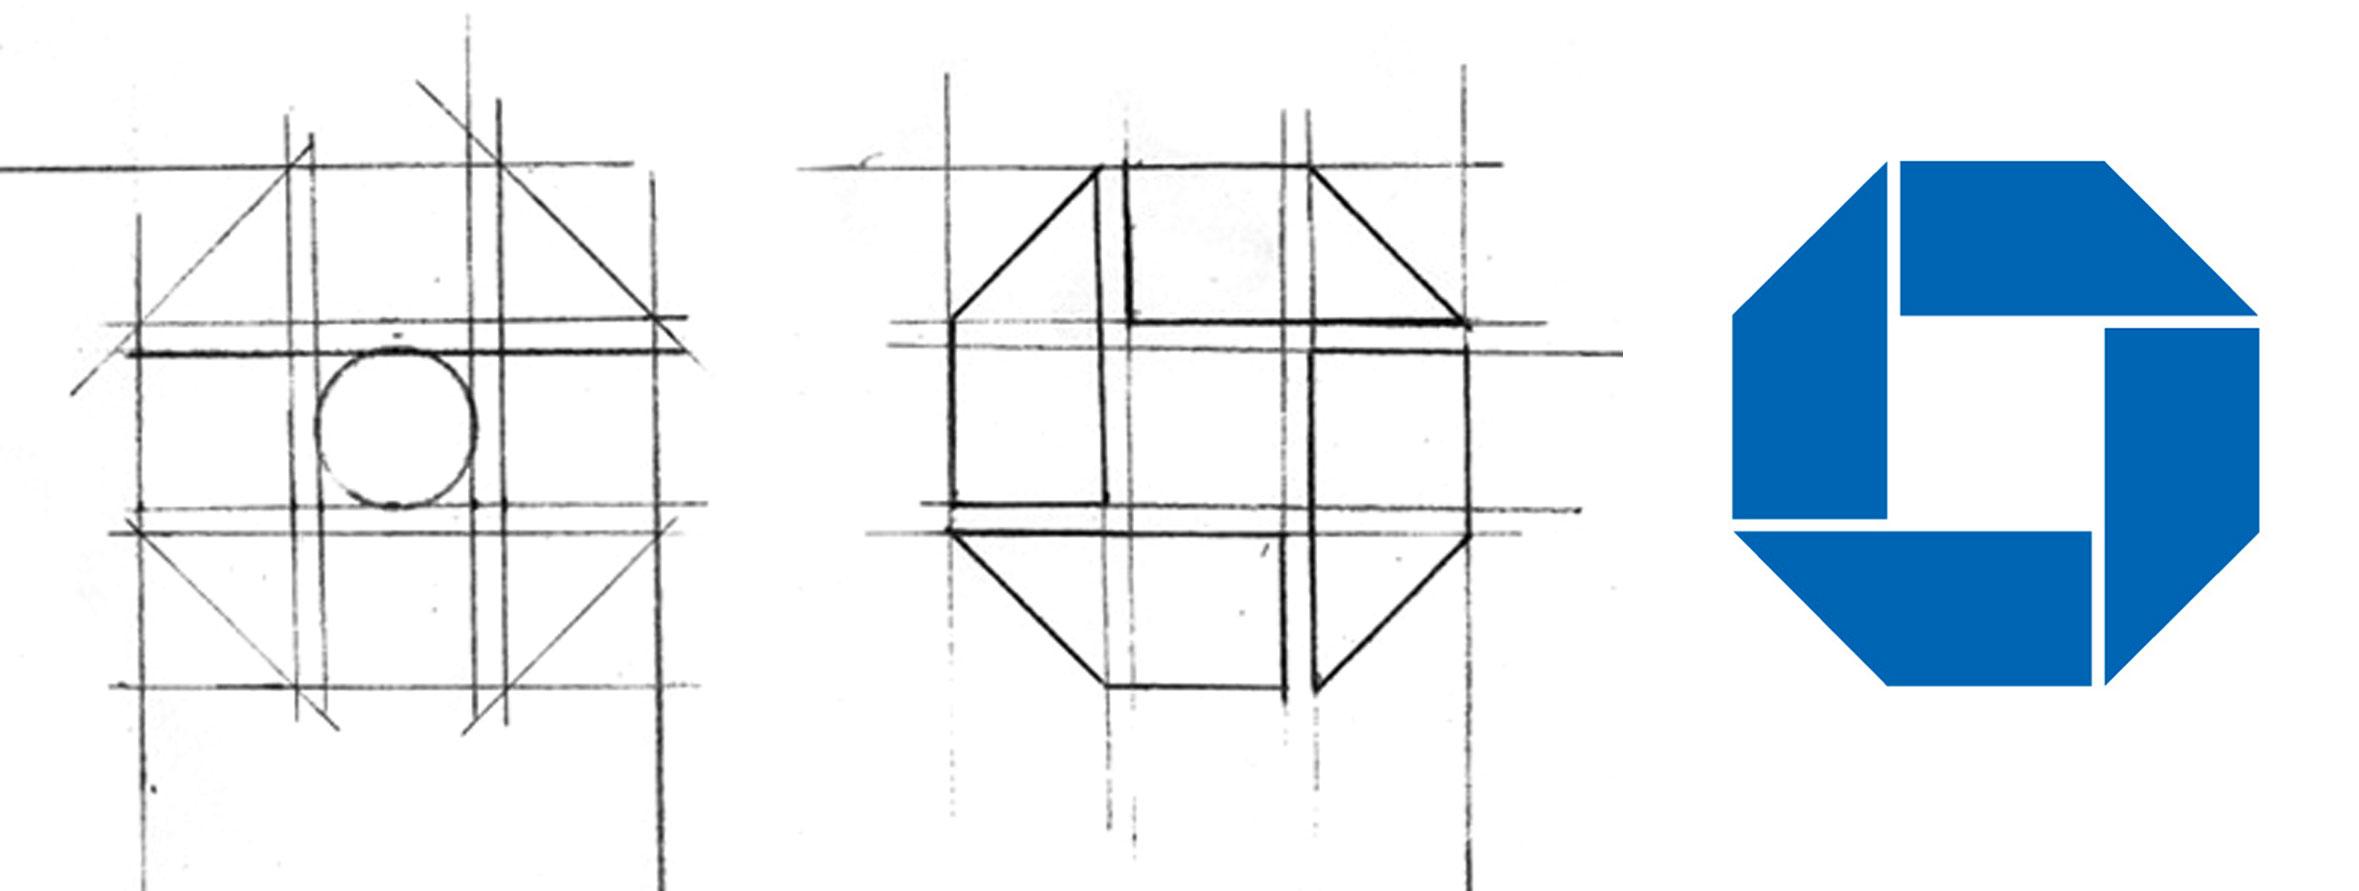 Chermayeff-and-Geismar-Chase-Manhattan-Bank-logo-sketch-identite-1960